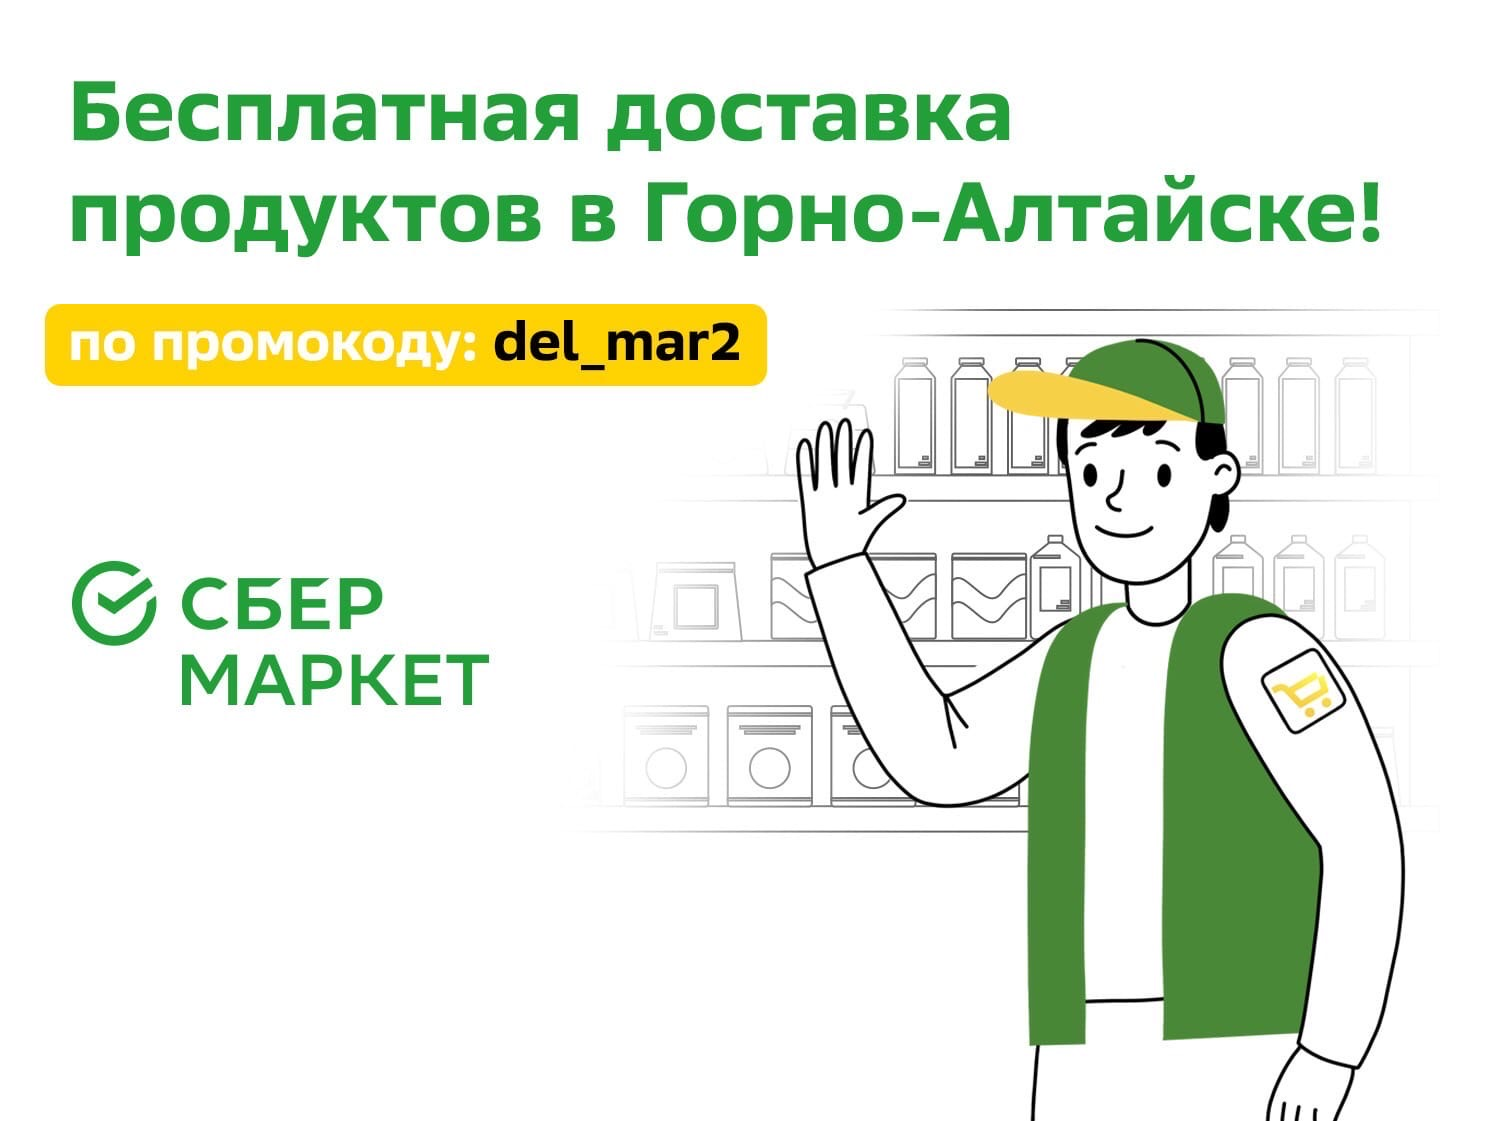 Горно-Алтайск!